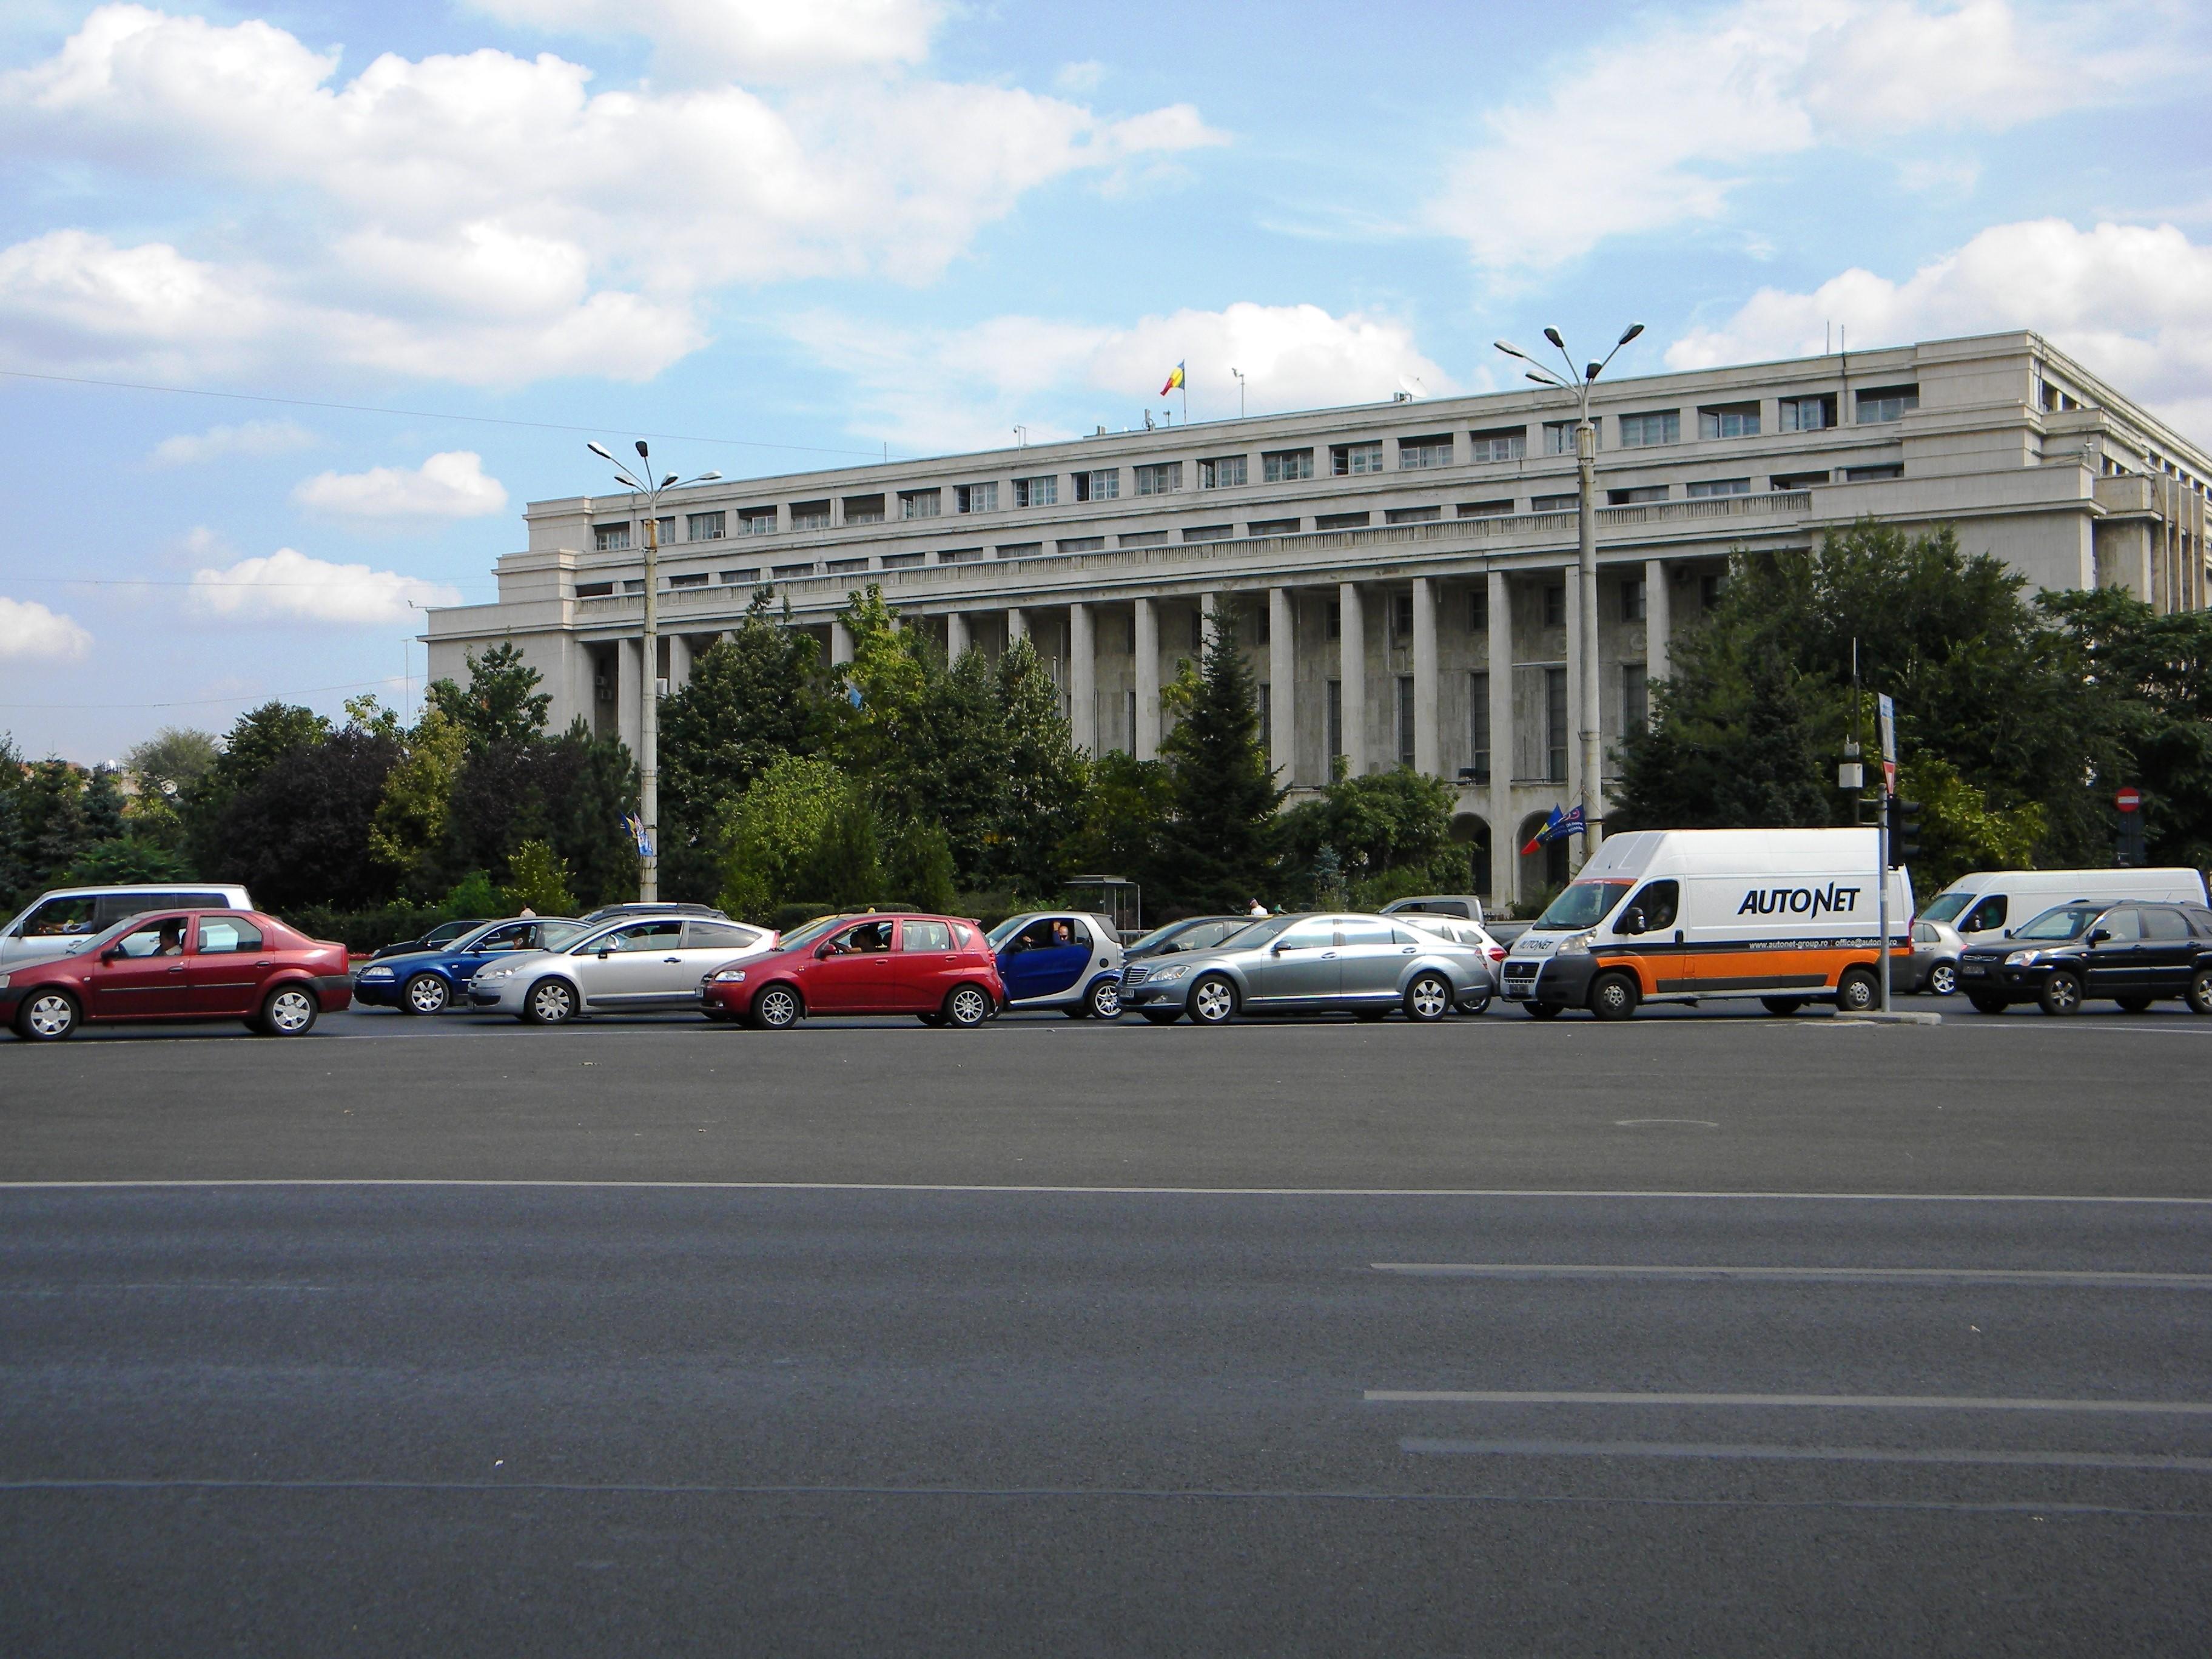 Bucuresti,_Romania,_Piata_Victoriei,_Palatul_Guvernului_Romaniei_(7);_B-II-m-A-19877